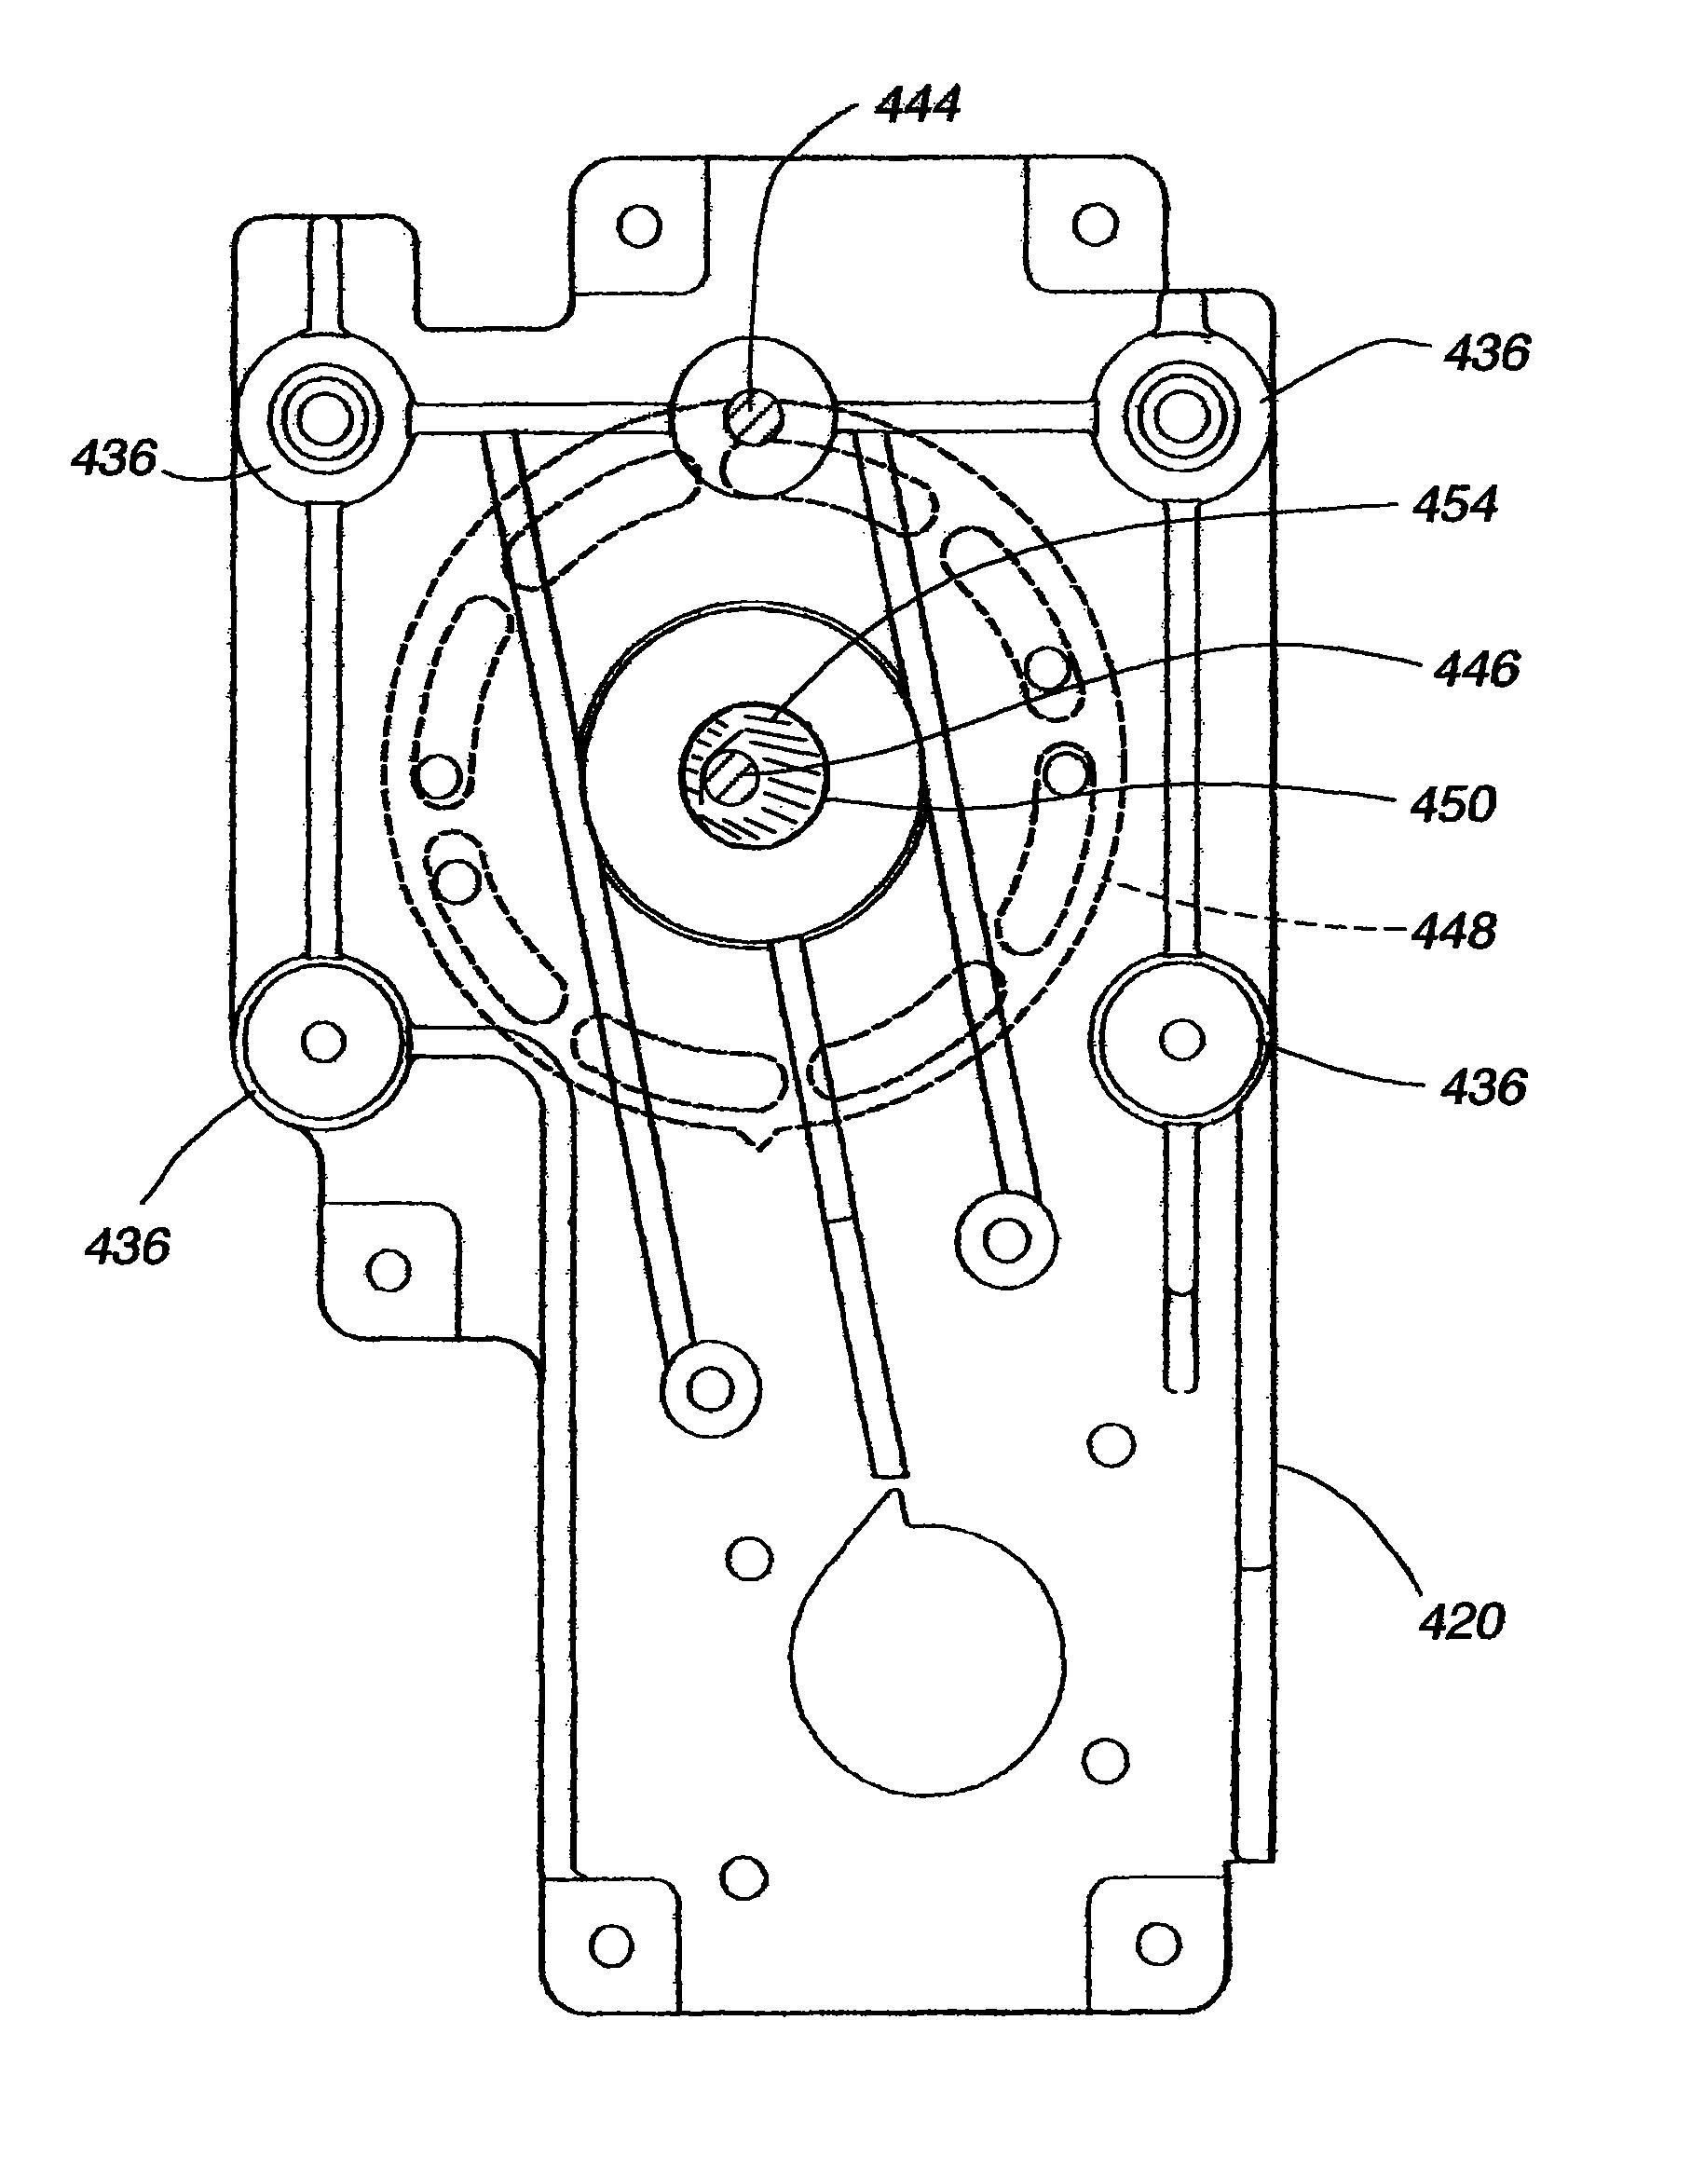 2001 Chevy Tracker 2 0 Serpentine Belt Diagram Nemetas Suzuki Engine Patent Drawing